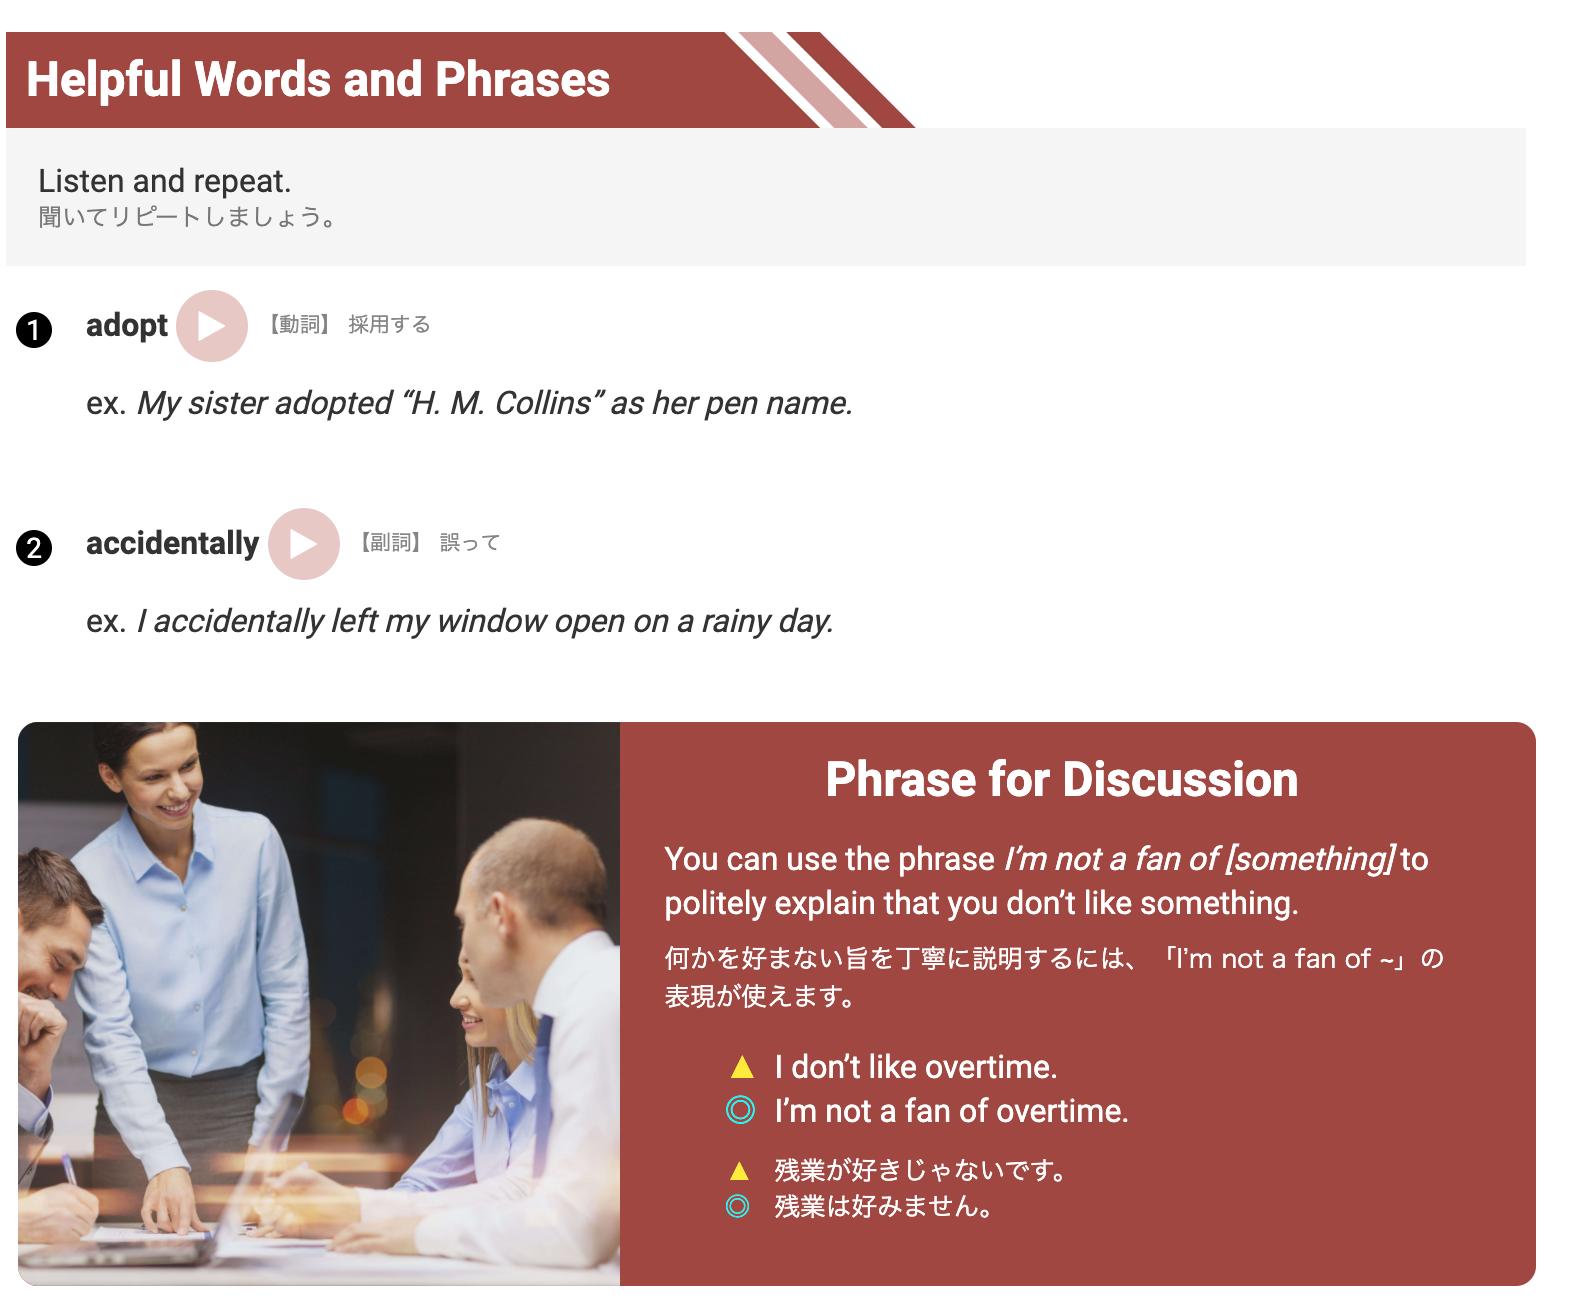 ビジネスディスカッション 初中級 HELPFUL WORDS AND PHRASES